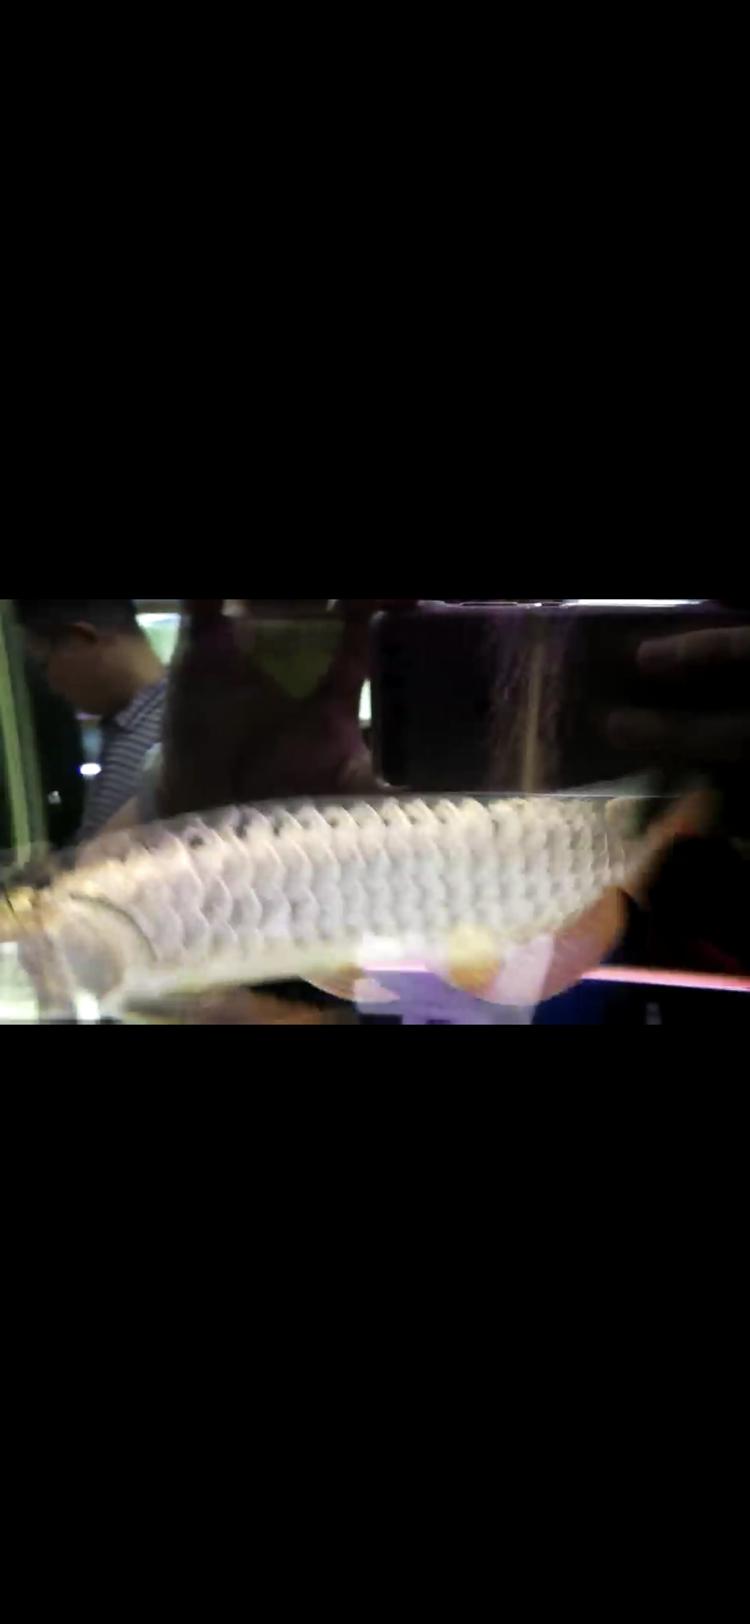 【西安豹纹夫】这只轻微掉眼的头全金龙鱼值不值 西安龙鱼论坛 西安博特第3张